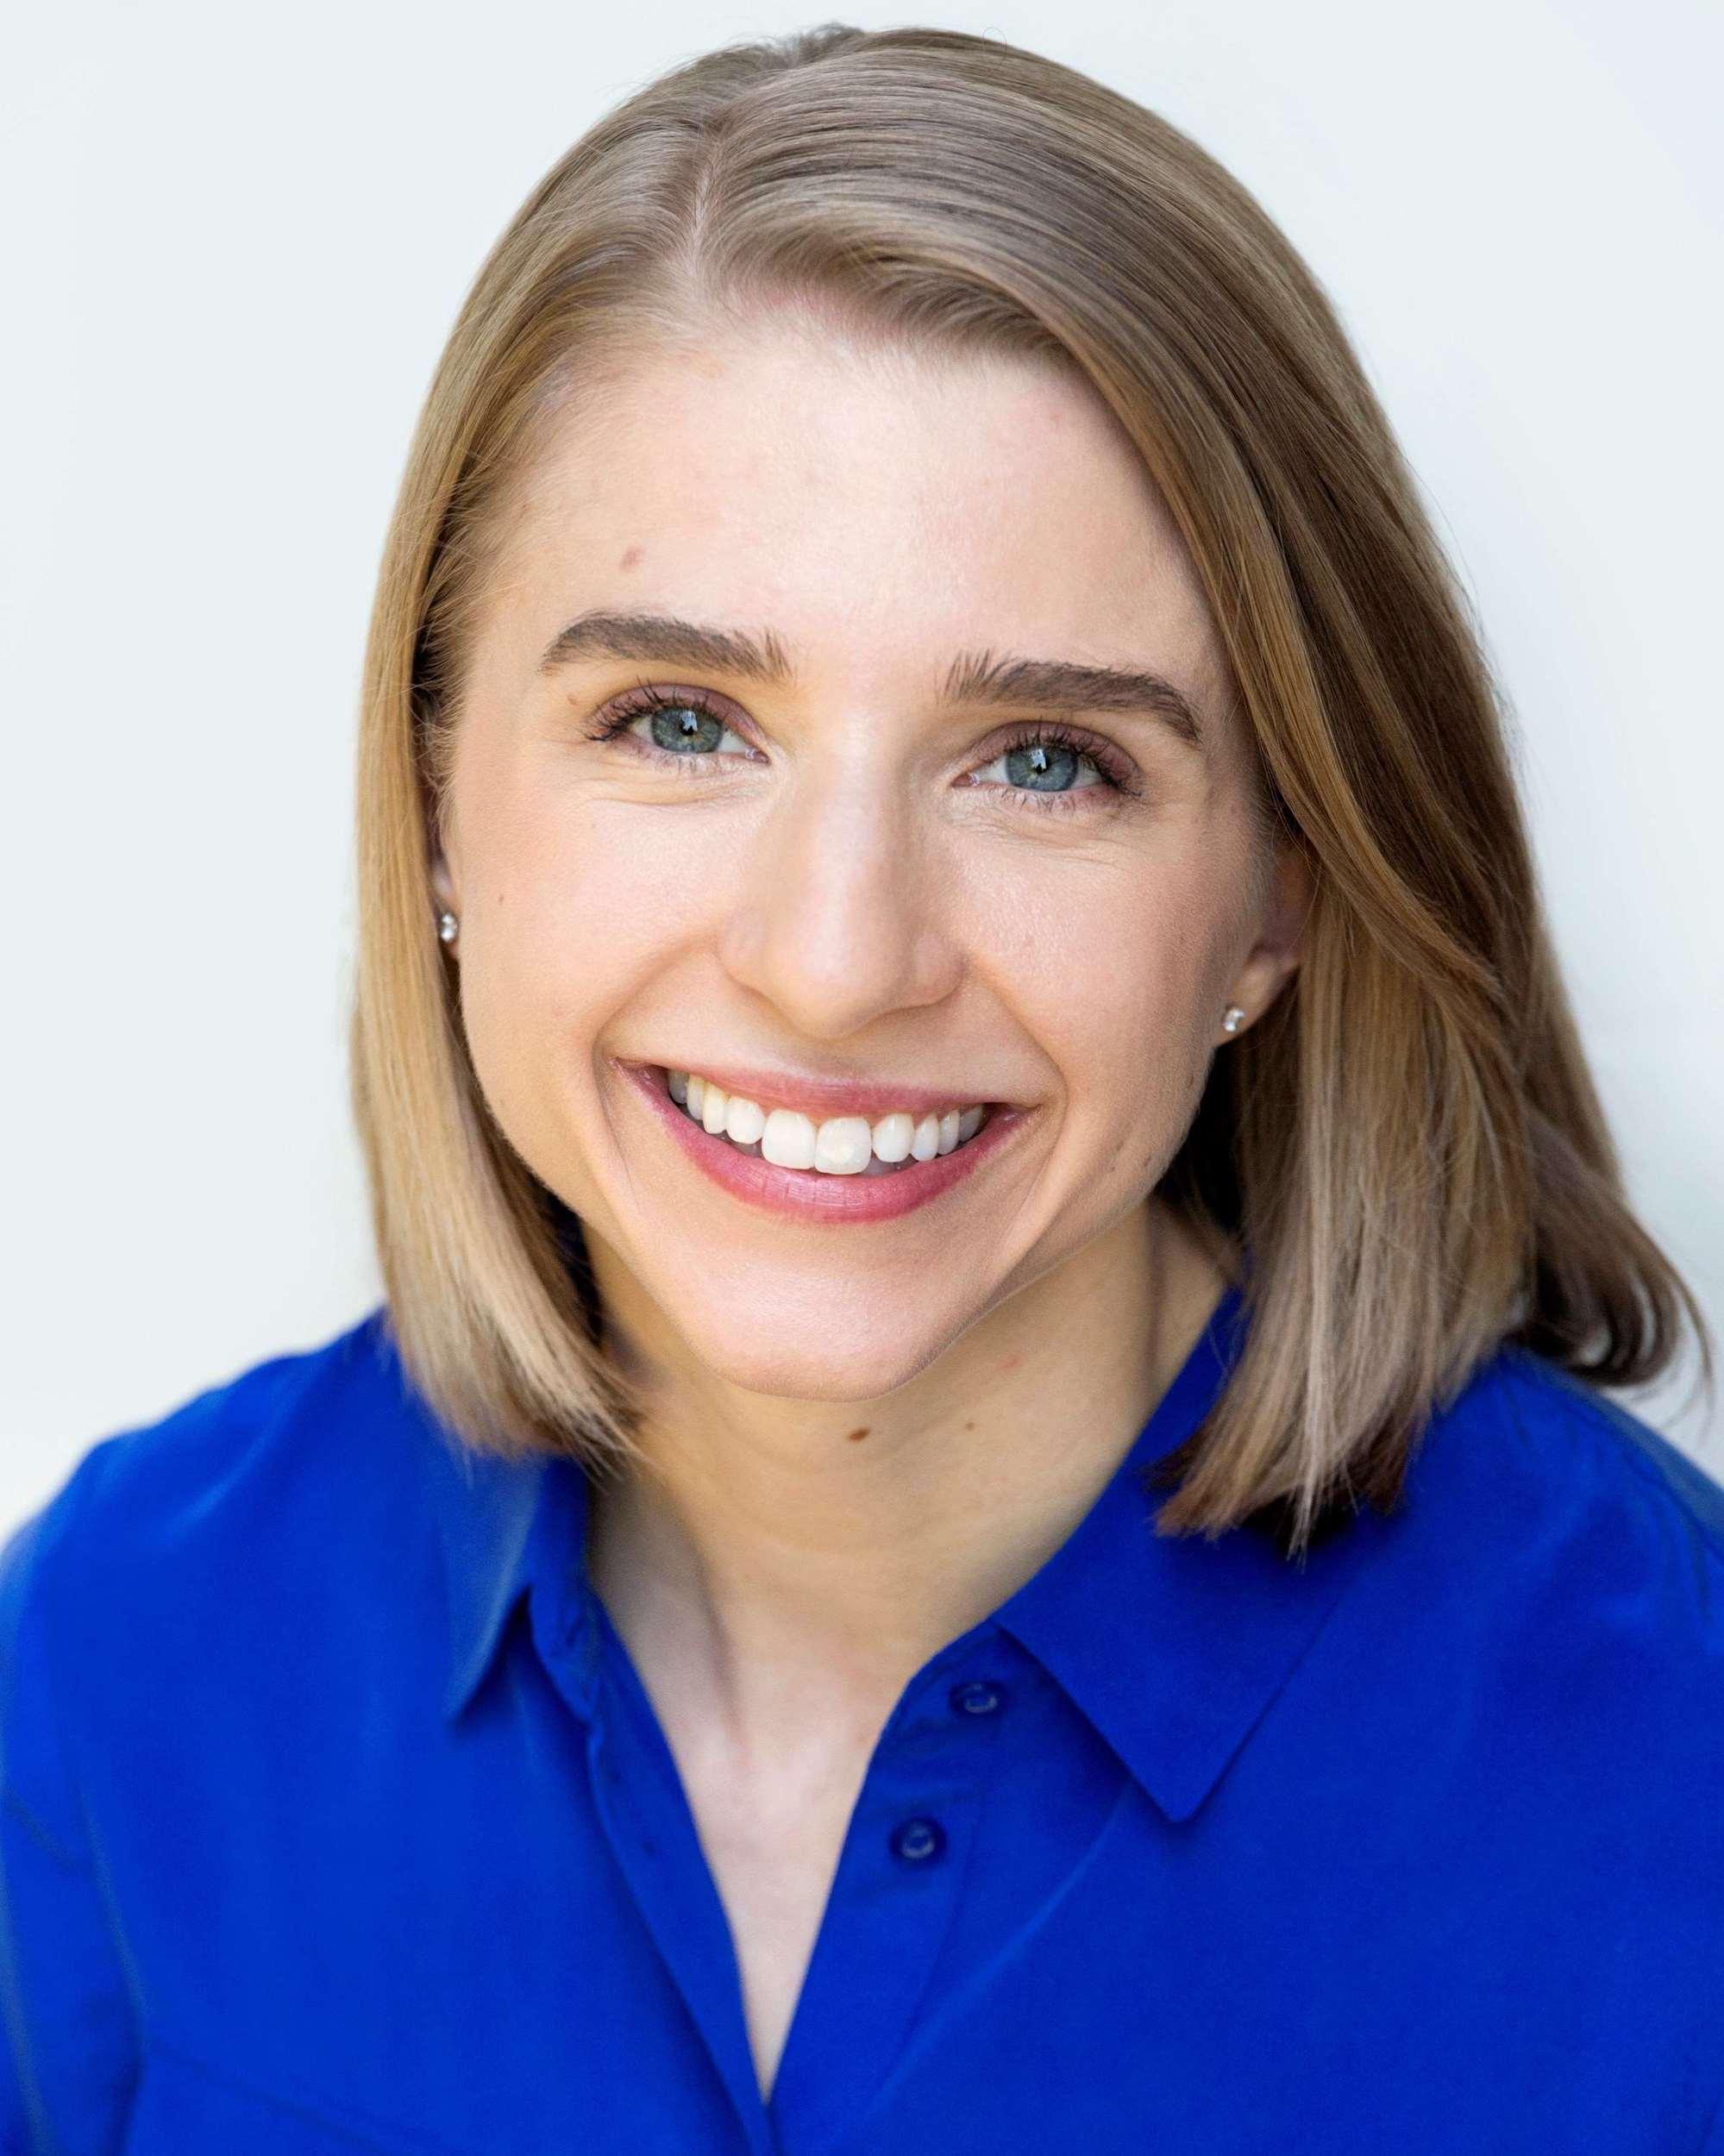 Melissa Hume